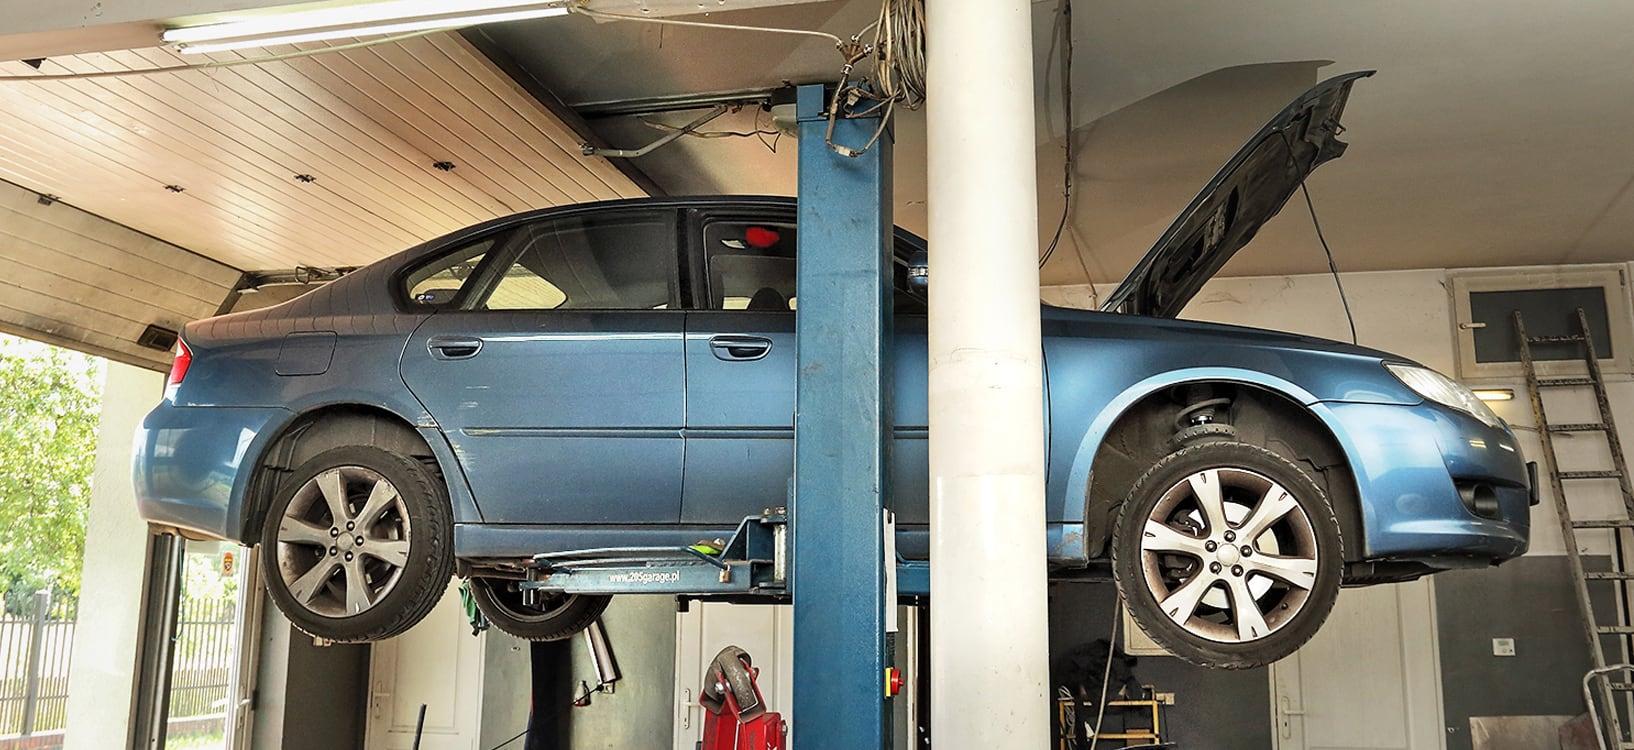 Subaru Legacy 2.0D wwarsztacie napodnośniku